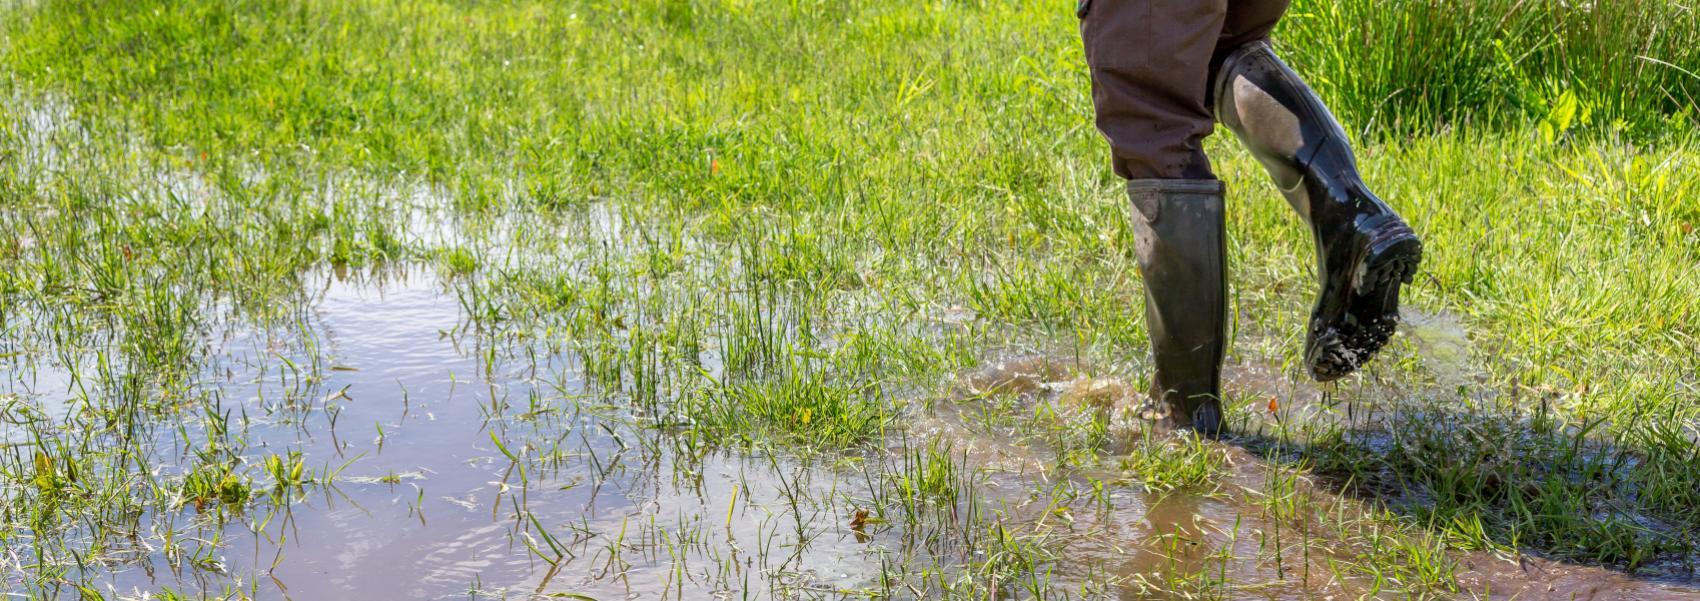 laarzen in het water